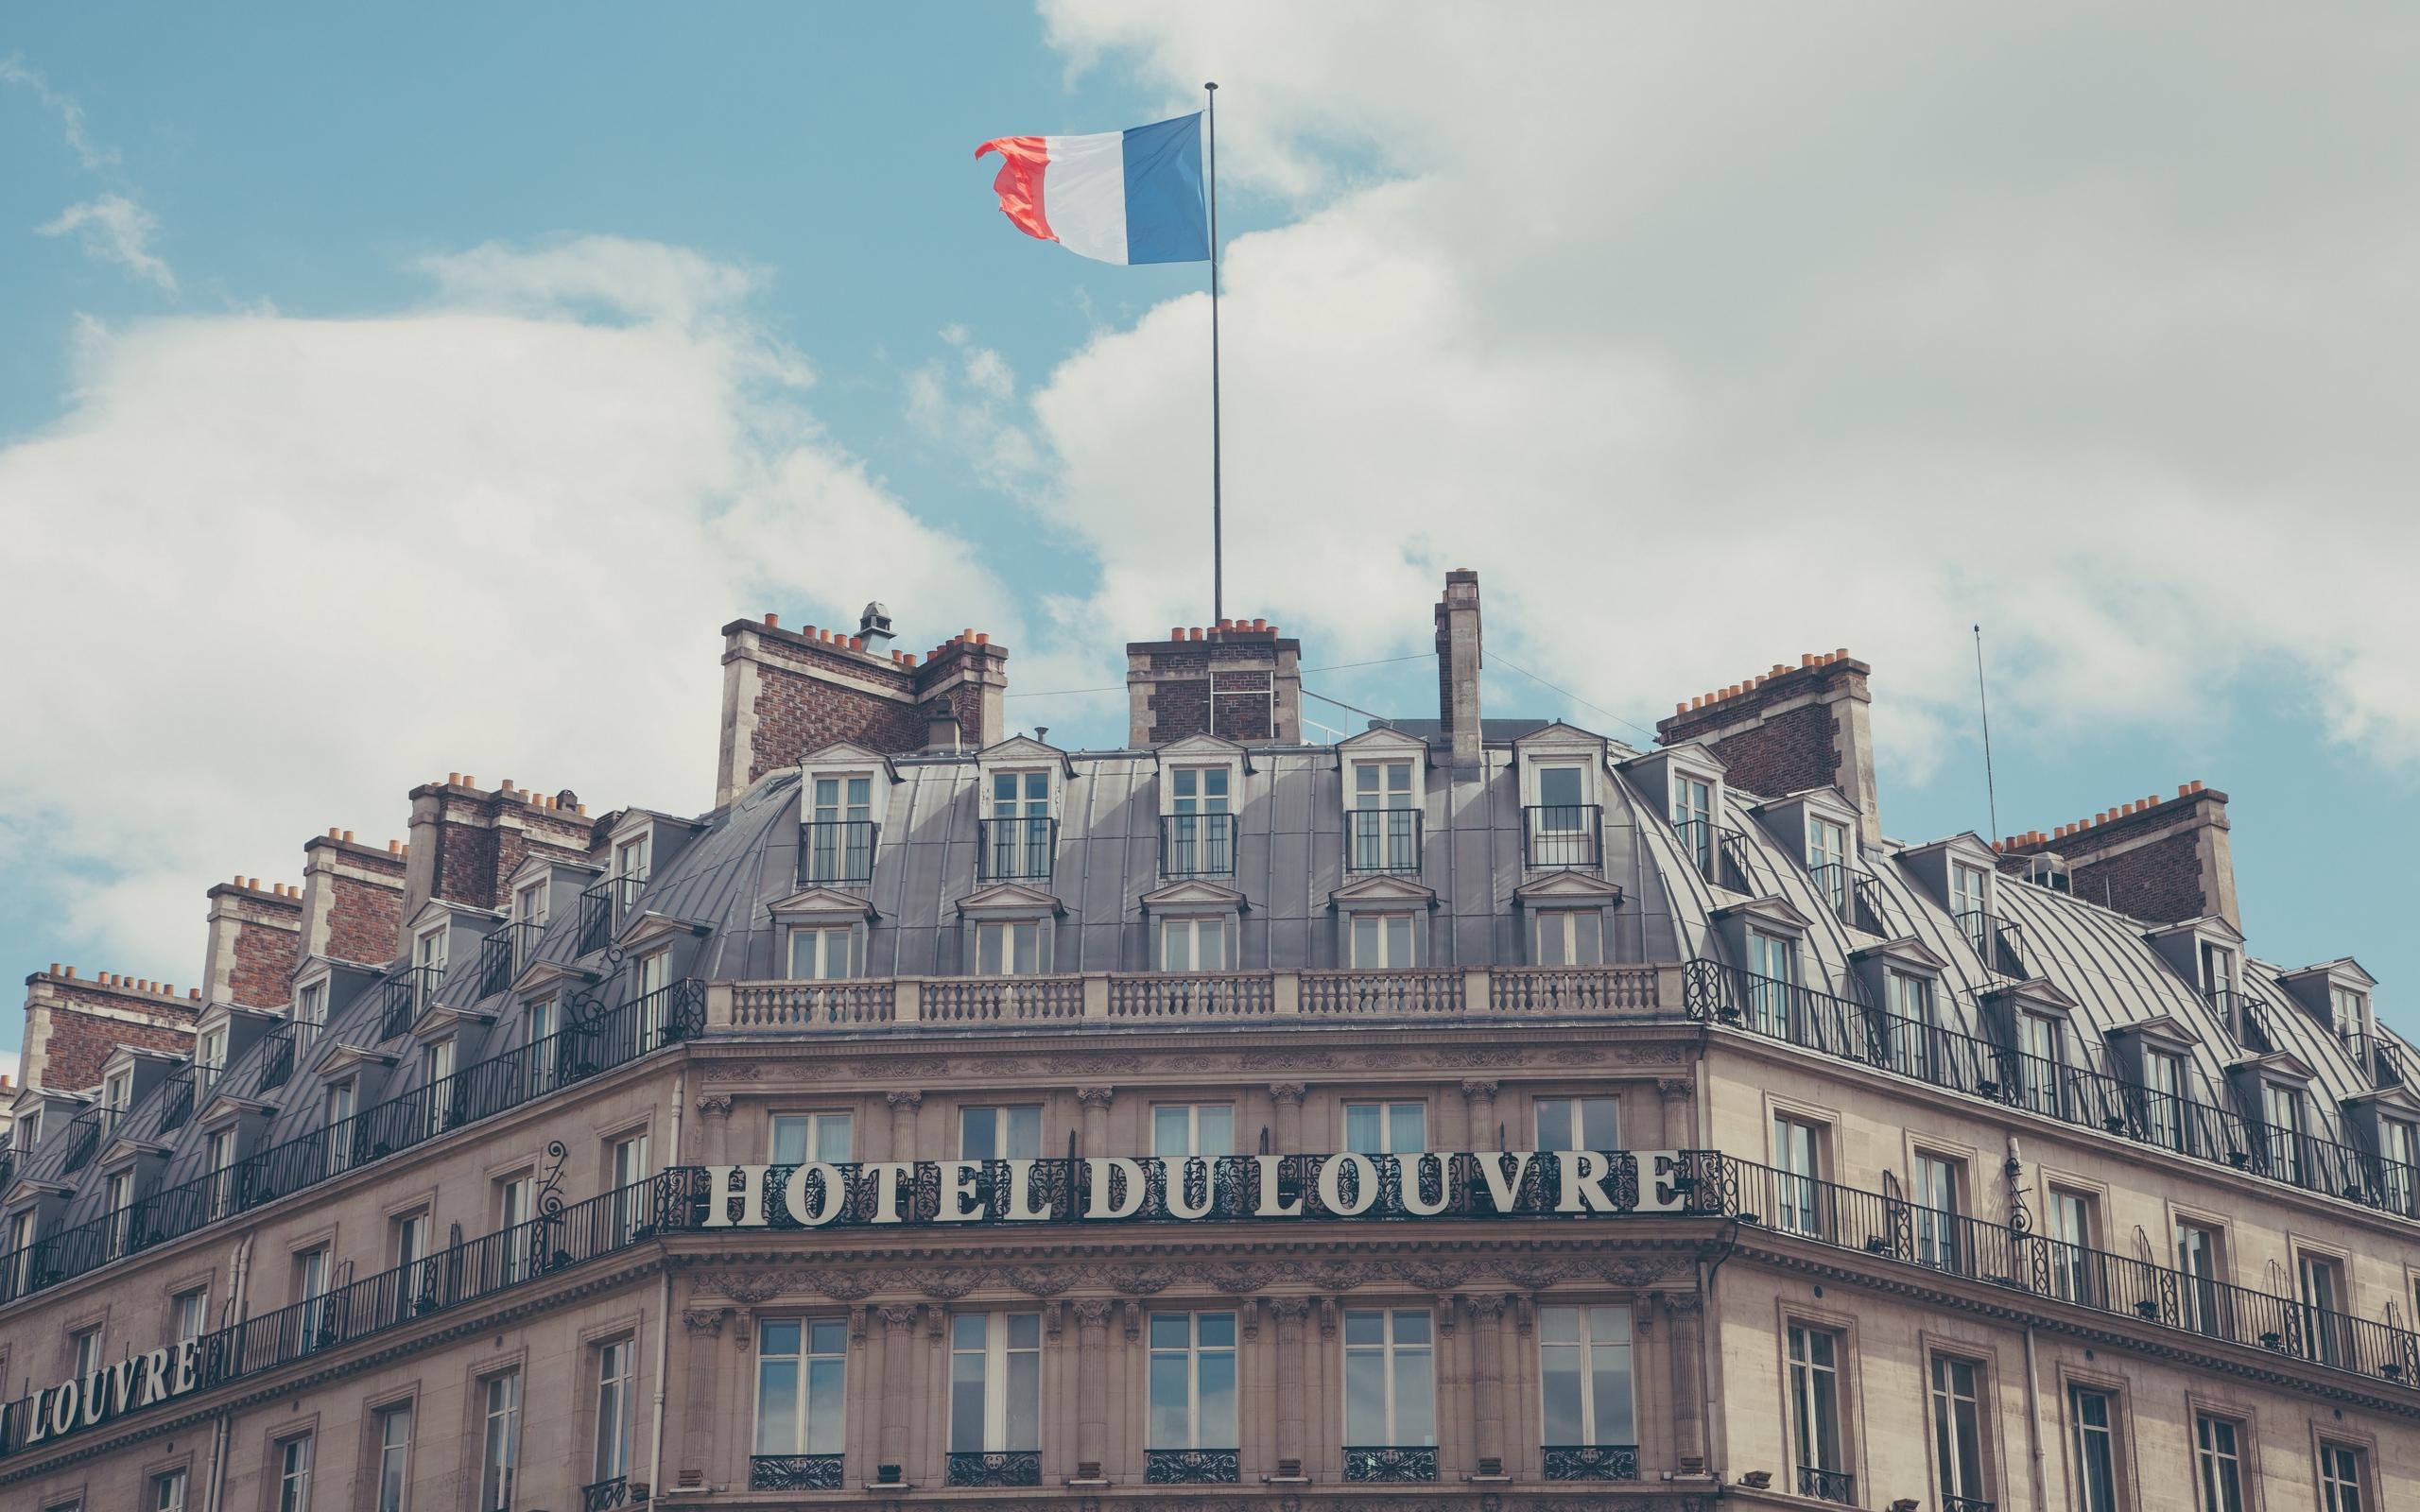 Download wallpaper 2560x1600 paris france hotel hotel du louvre 2560x1600